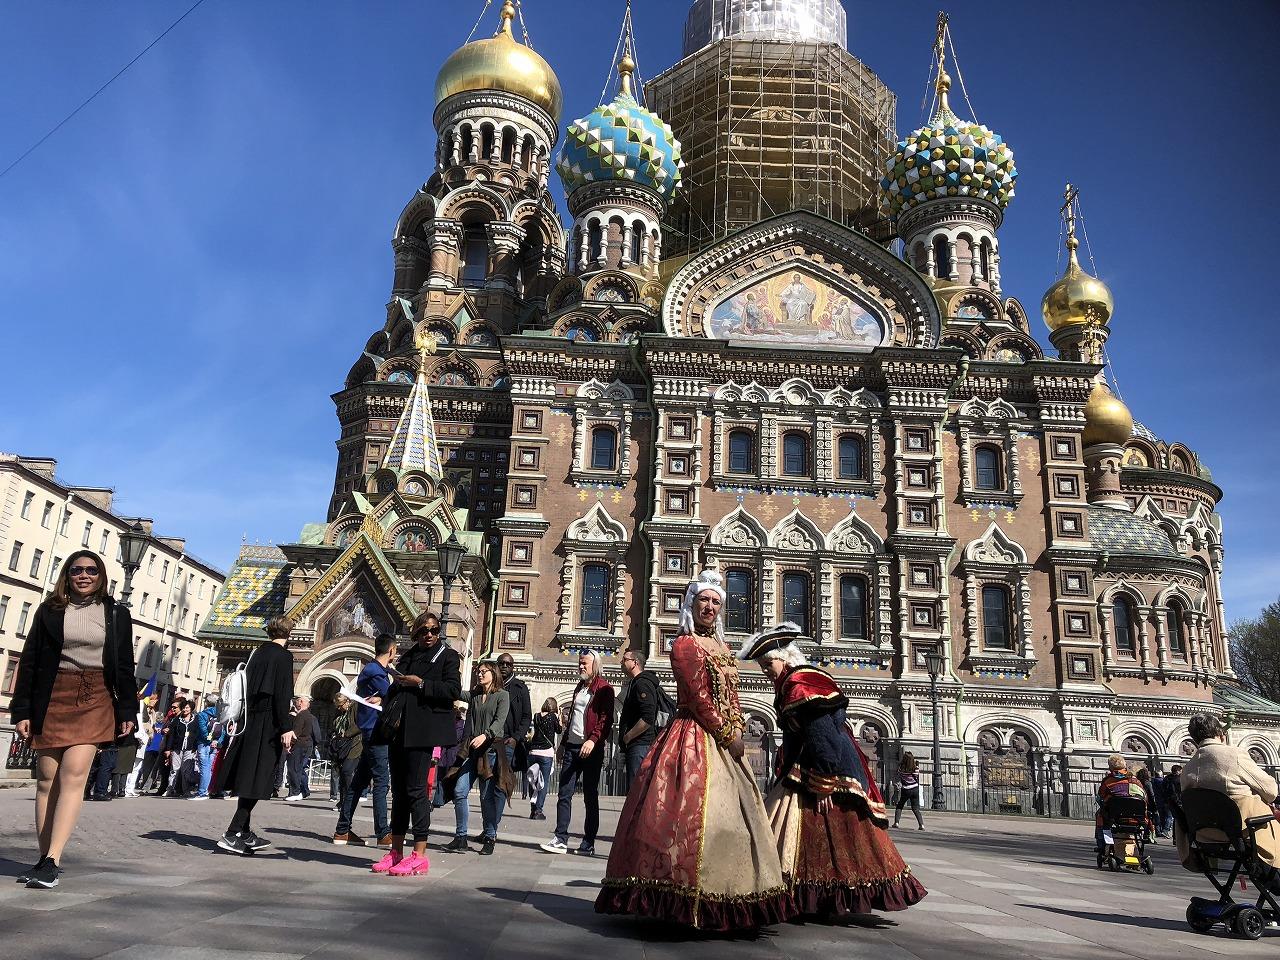 芸術的なサンクトペテルブルクを散策しよう